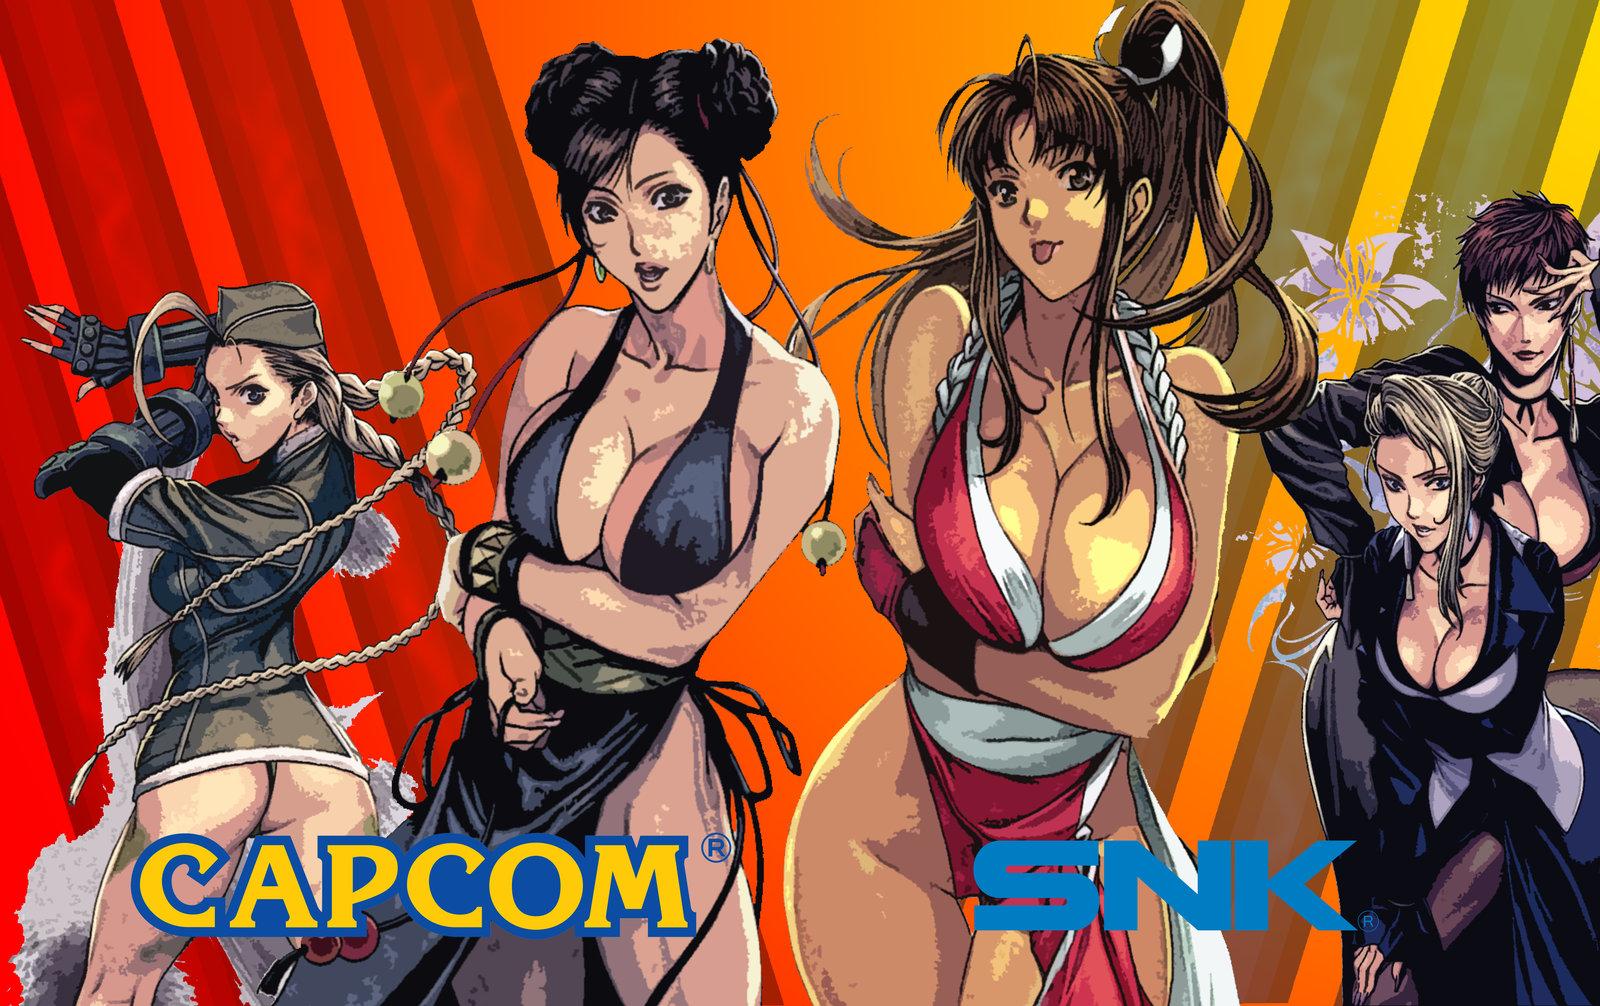 Free Download Downloadsscreenpacks Capcom Vs Snk Capcom Vs Snk 2